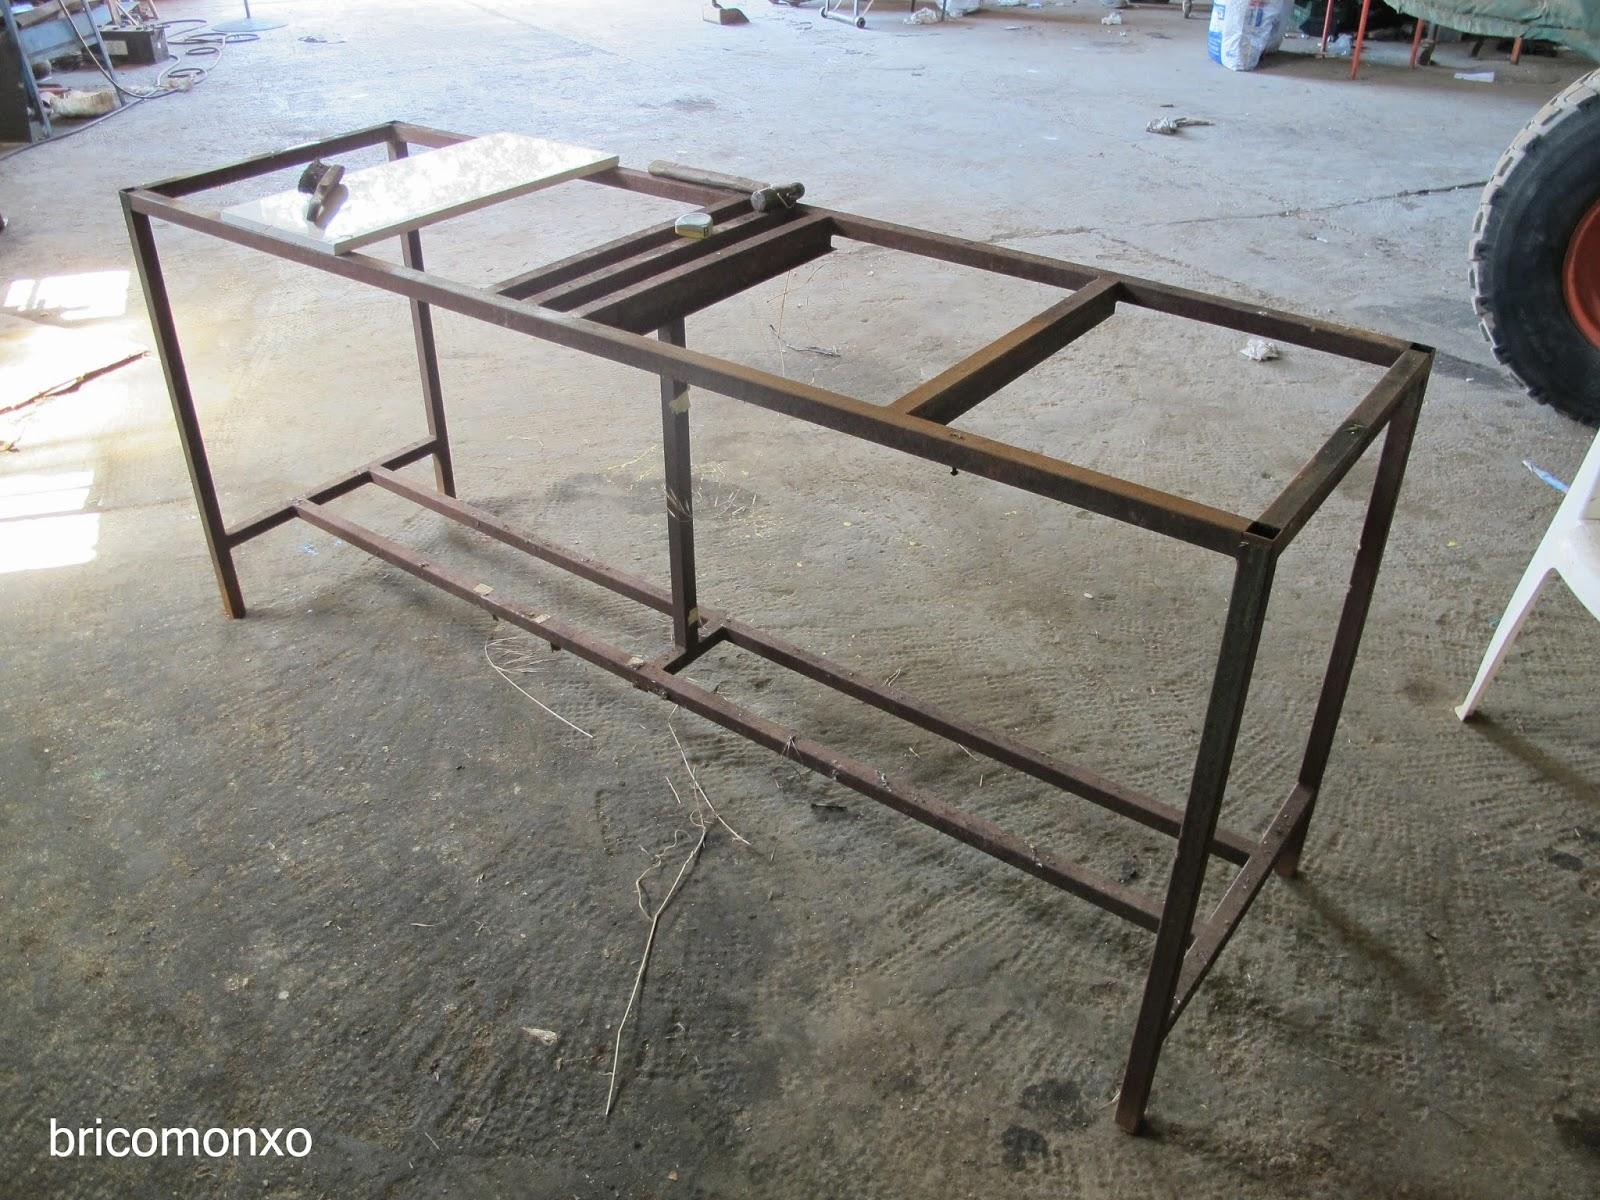 Bricomonxo mesa estructura met lica y piedras de m rmol - Estructura metalica mesa ...